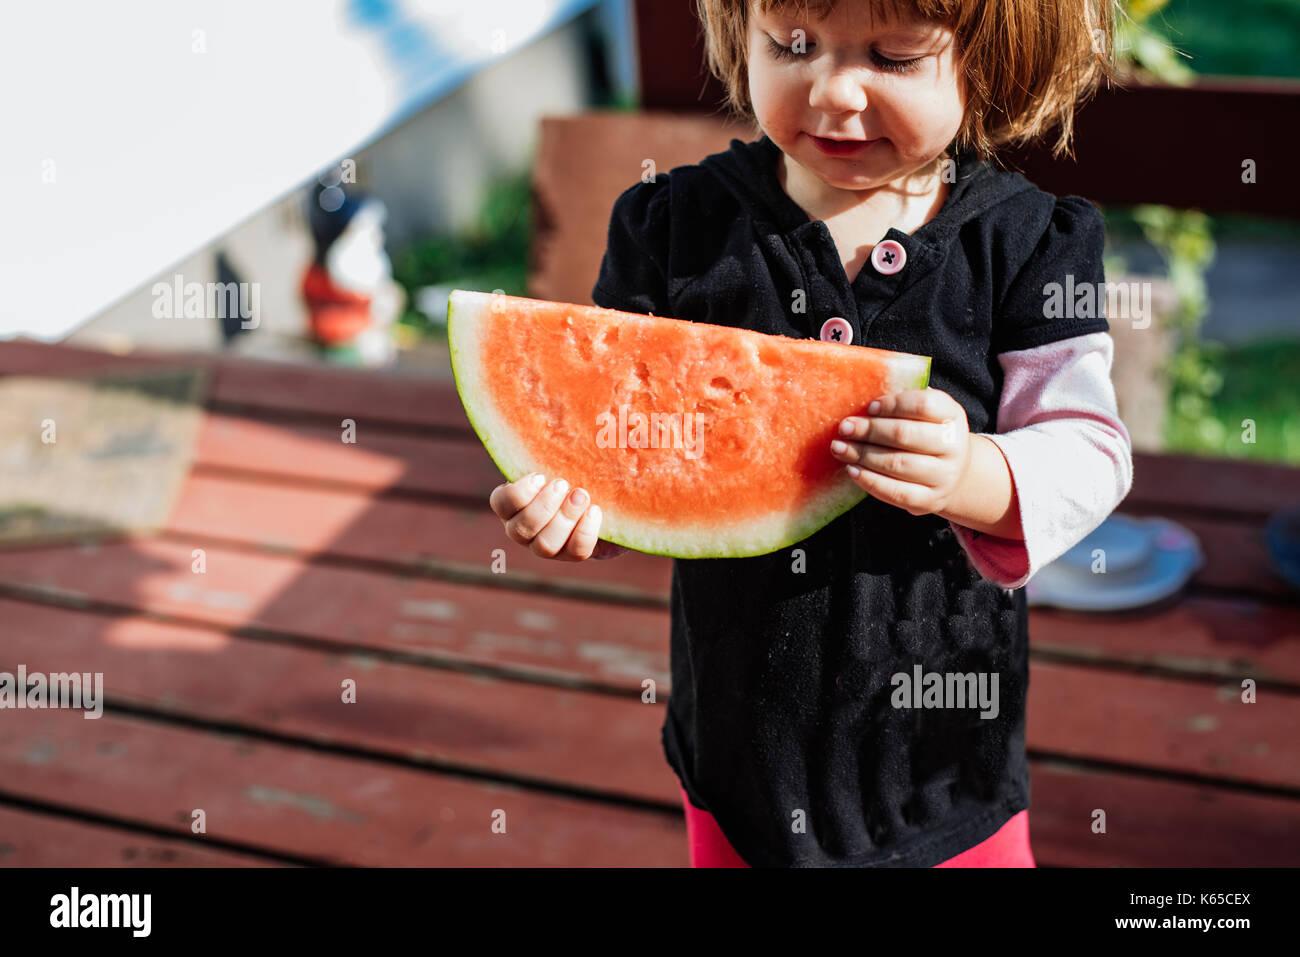 Una giovane ragazza detiene una fetta di anguria in una calda giornata estiva. Immagini Stock